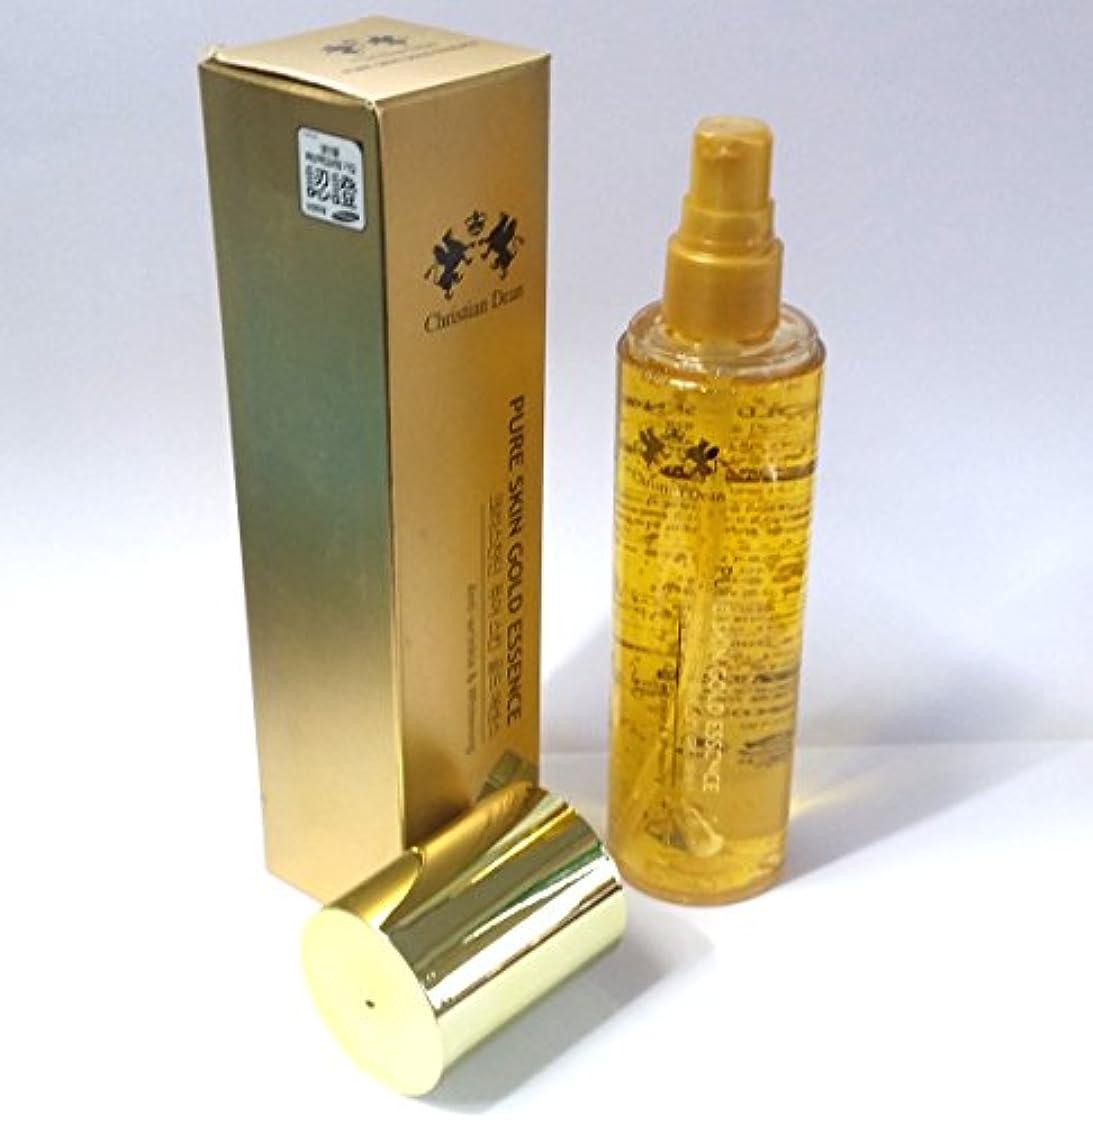 バスタブ私たちのものスピーチ[Christian Dean] ピュアスキンゴールドエッセンス150ml/Pure Skin Gold Essence 150ml/Whitening/ホワイトニング/ピュアゴールドエキス(99.9%)/韓国化粧品/pure...